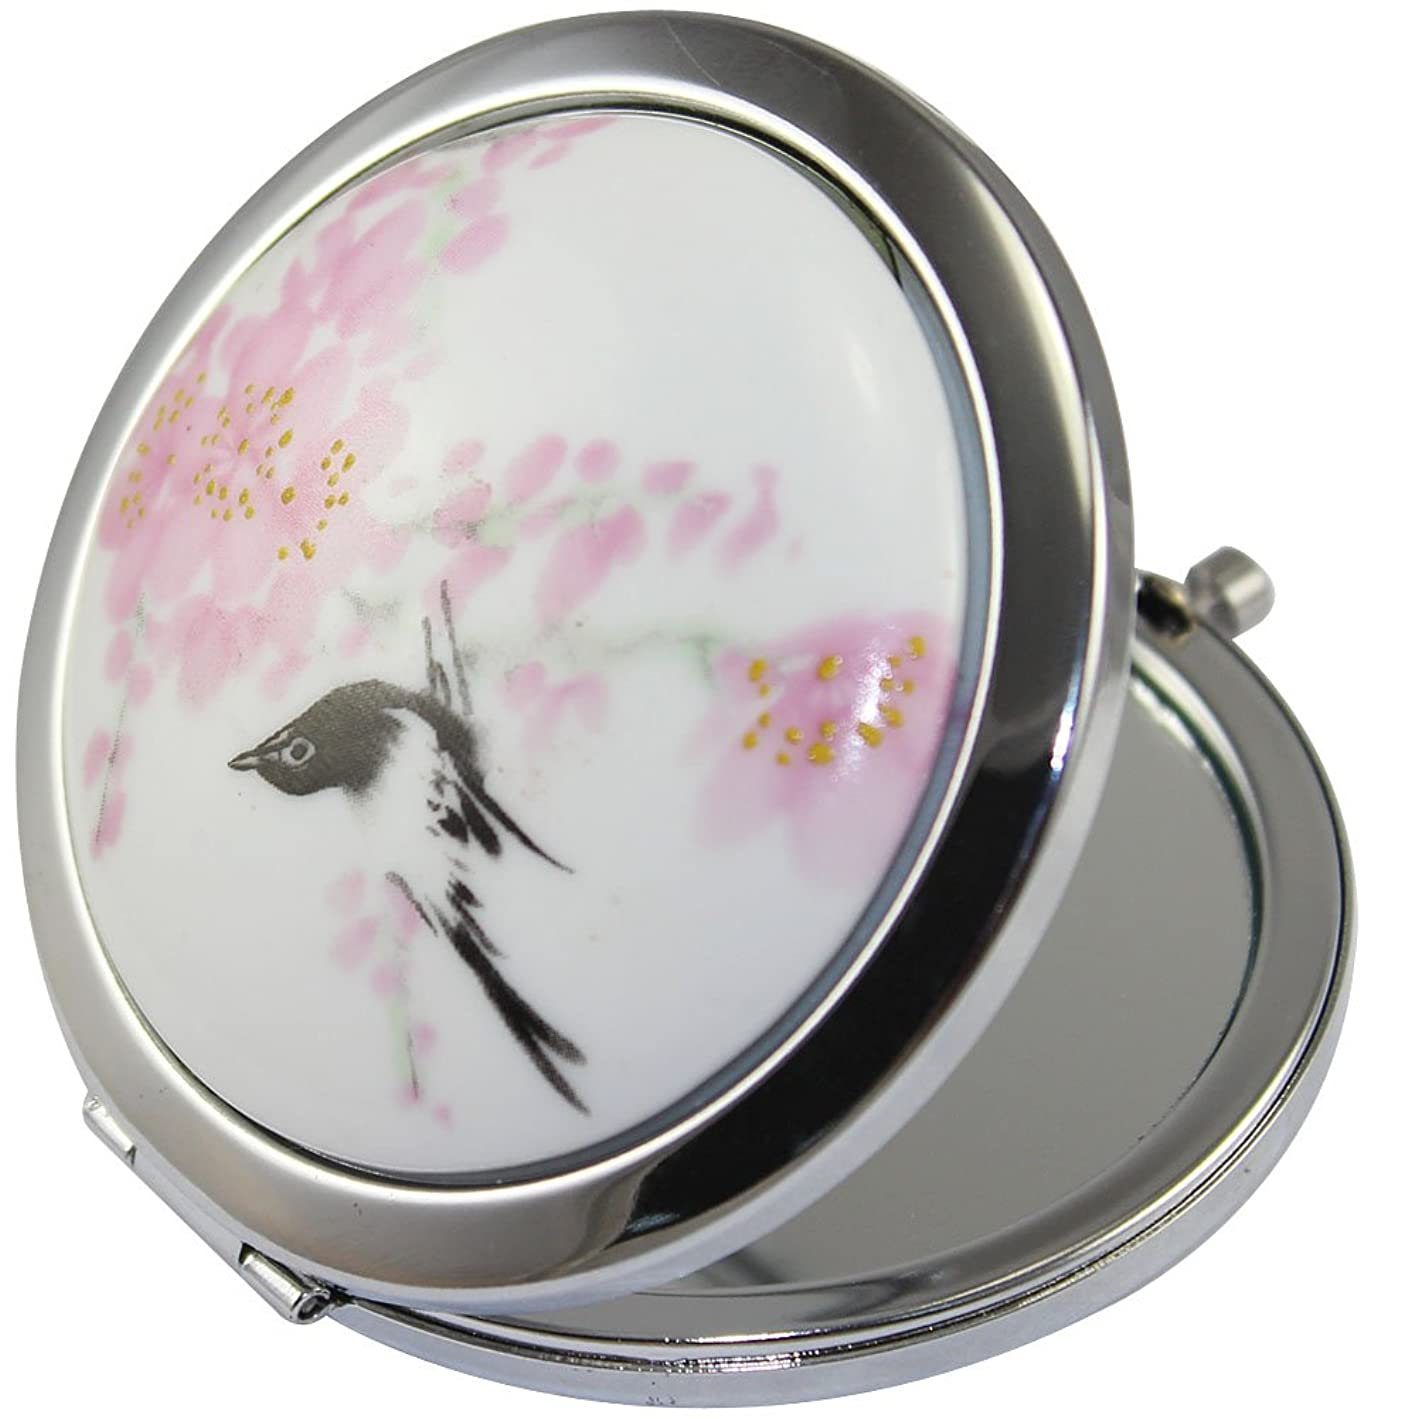 期間気をつけてマニアKOLIGHT新しいヴィンテージ中国の風景フラワーバードダブルサイド(一つはノーマル、もう一つは拡大)Portable Foldable Pocket MetalメイクコンパクトミラーWoman Cosmetic Mirror(Flower + Black Bird)